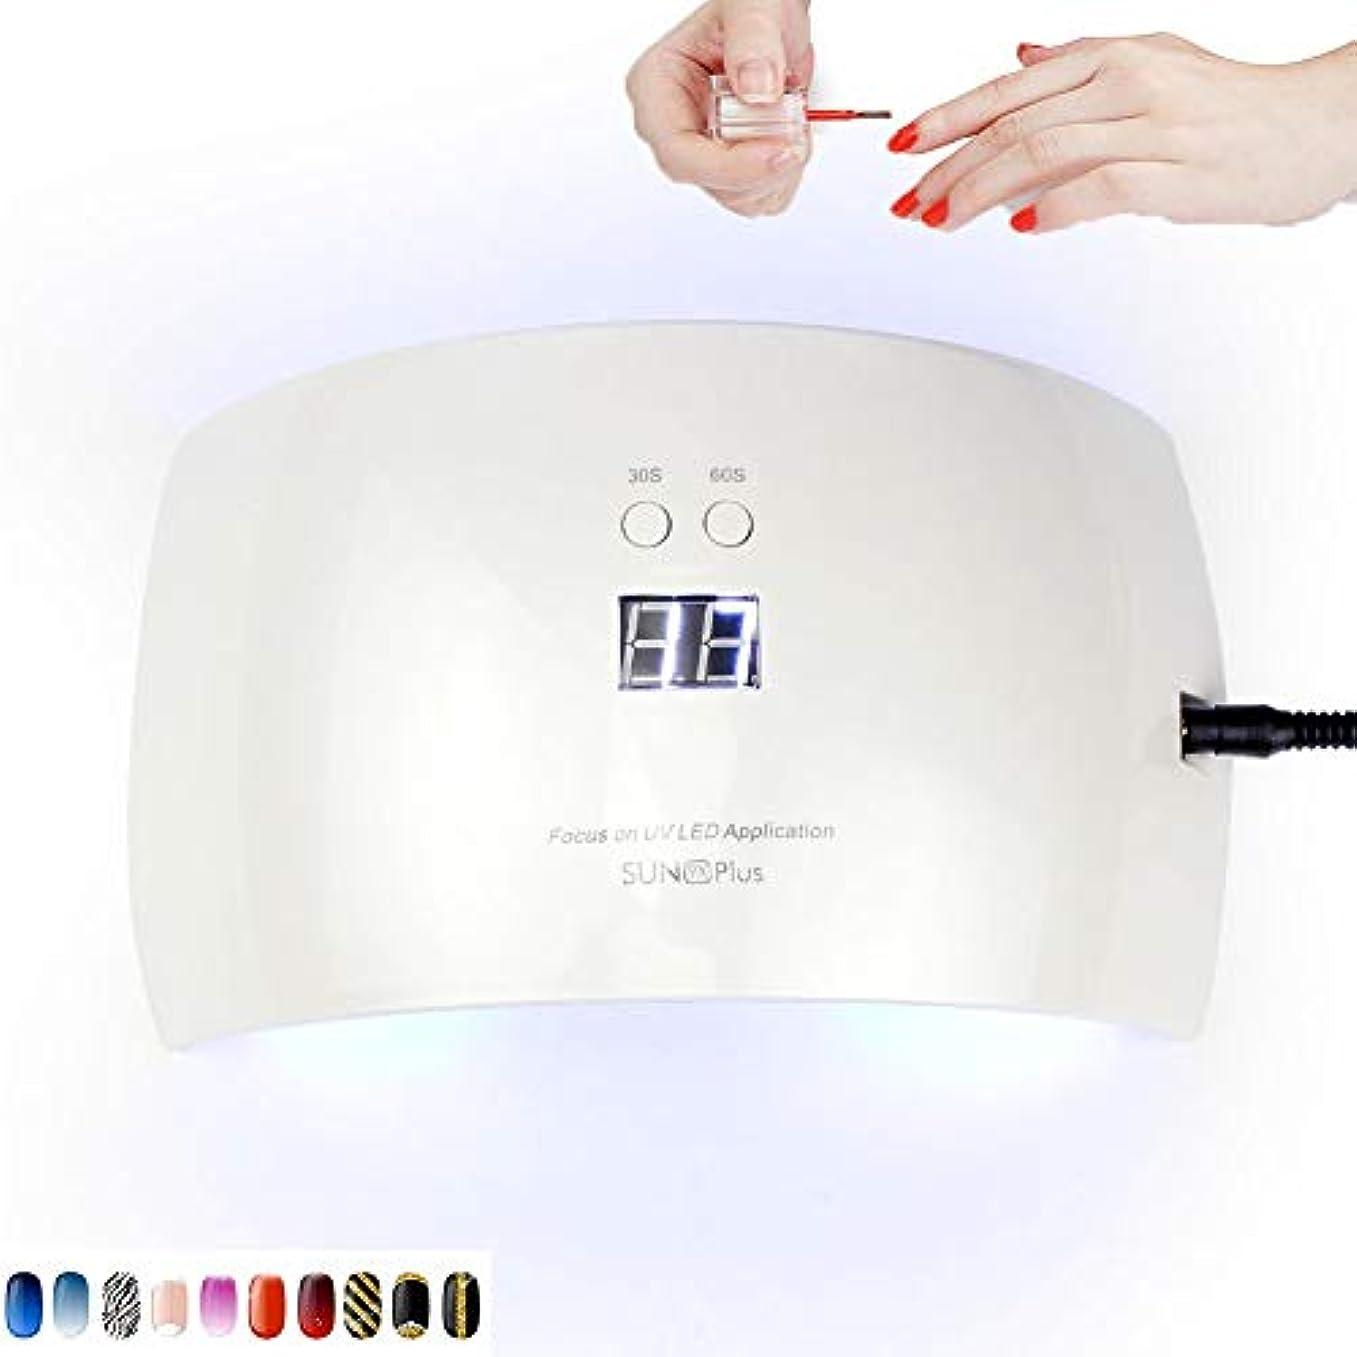 有毒な確執海外でネイル用ランプおよびジェルポリッシュランプ LEDネイルドライヤー高速硬化ジェルワニスタイミングデバイス付きポータブルマニキュアドライヤー